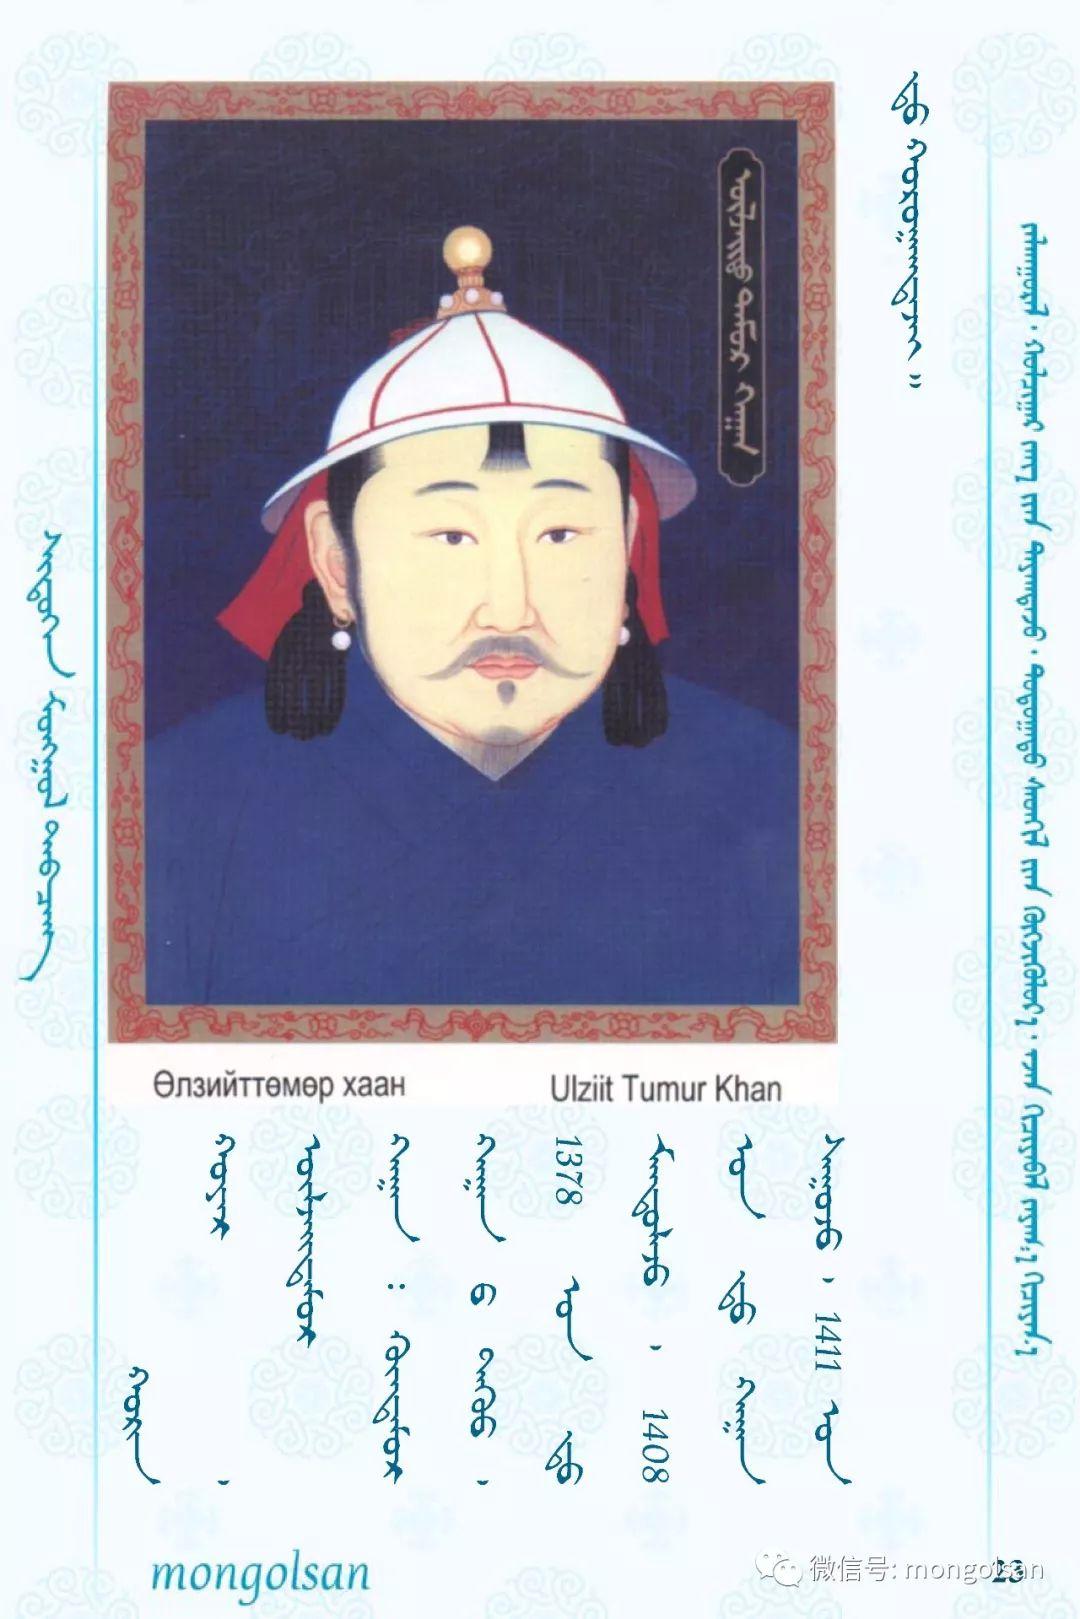 【关注】蒙古皇帝列表 第23张